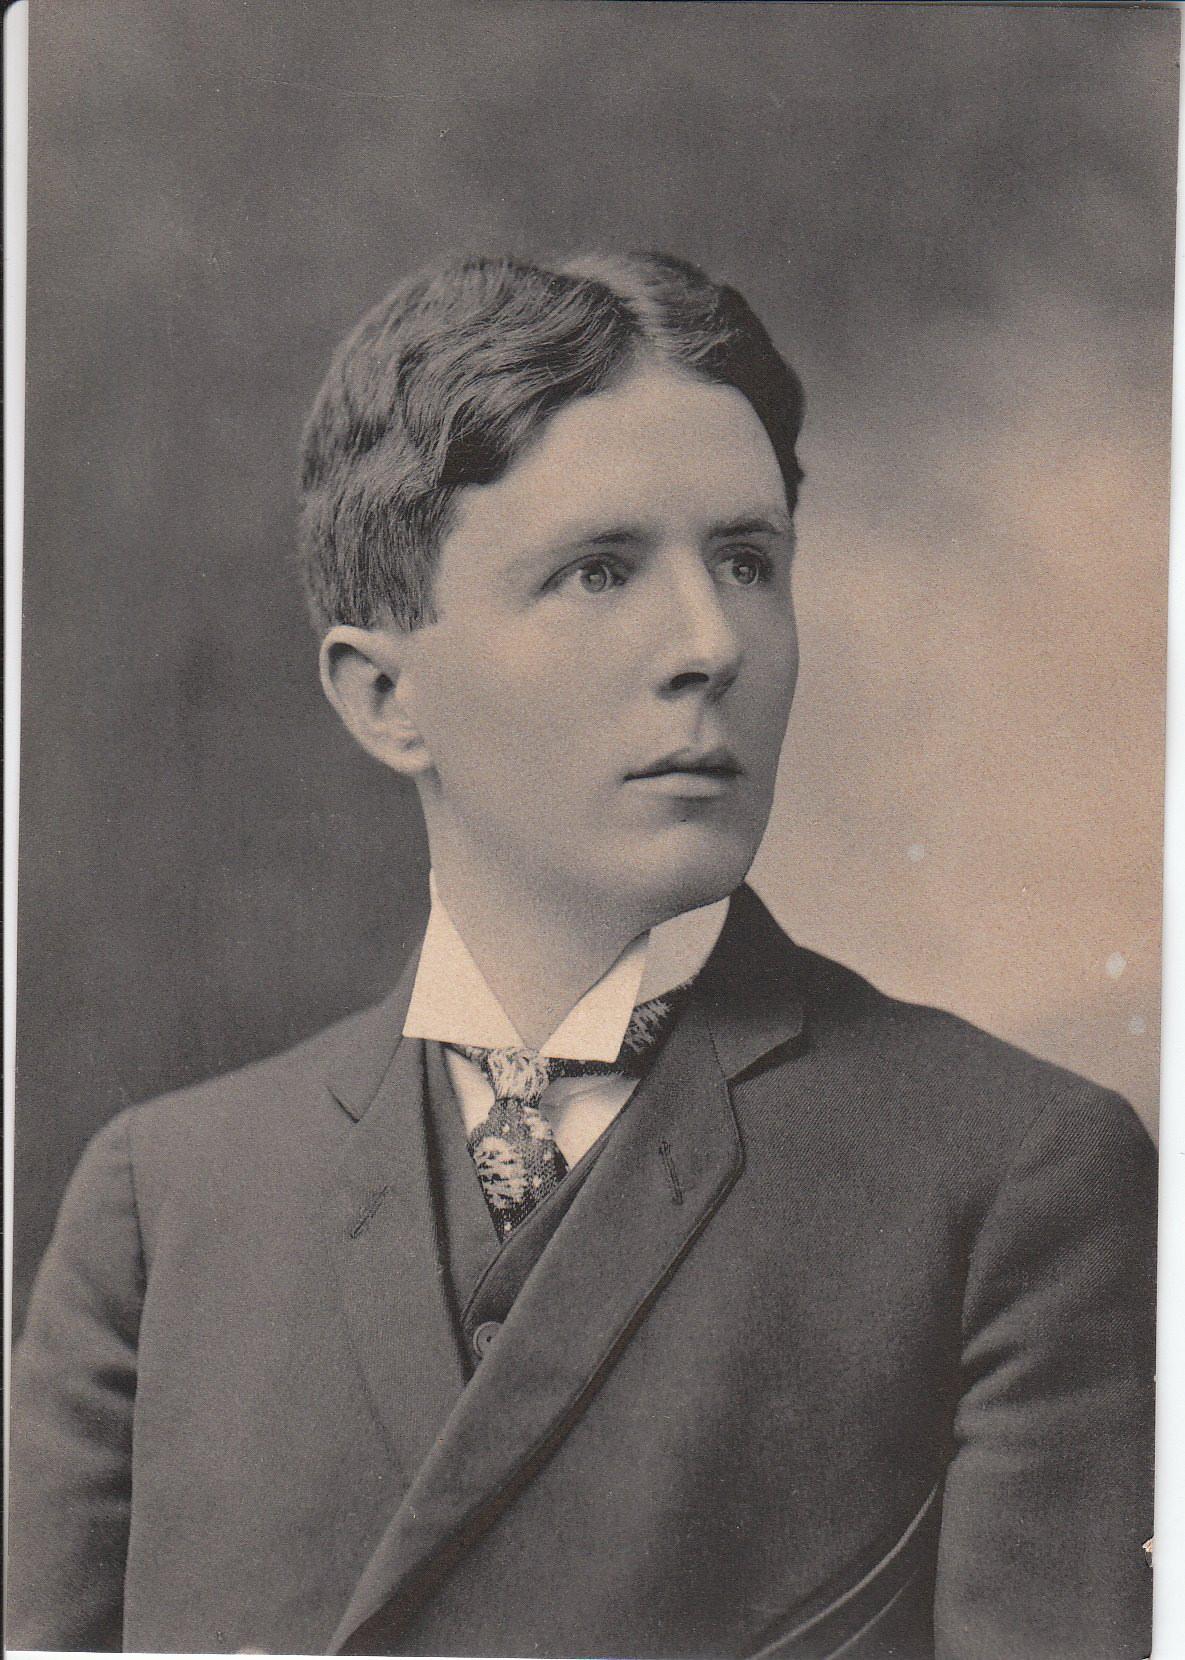 William Franklin Gillespie